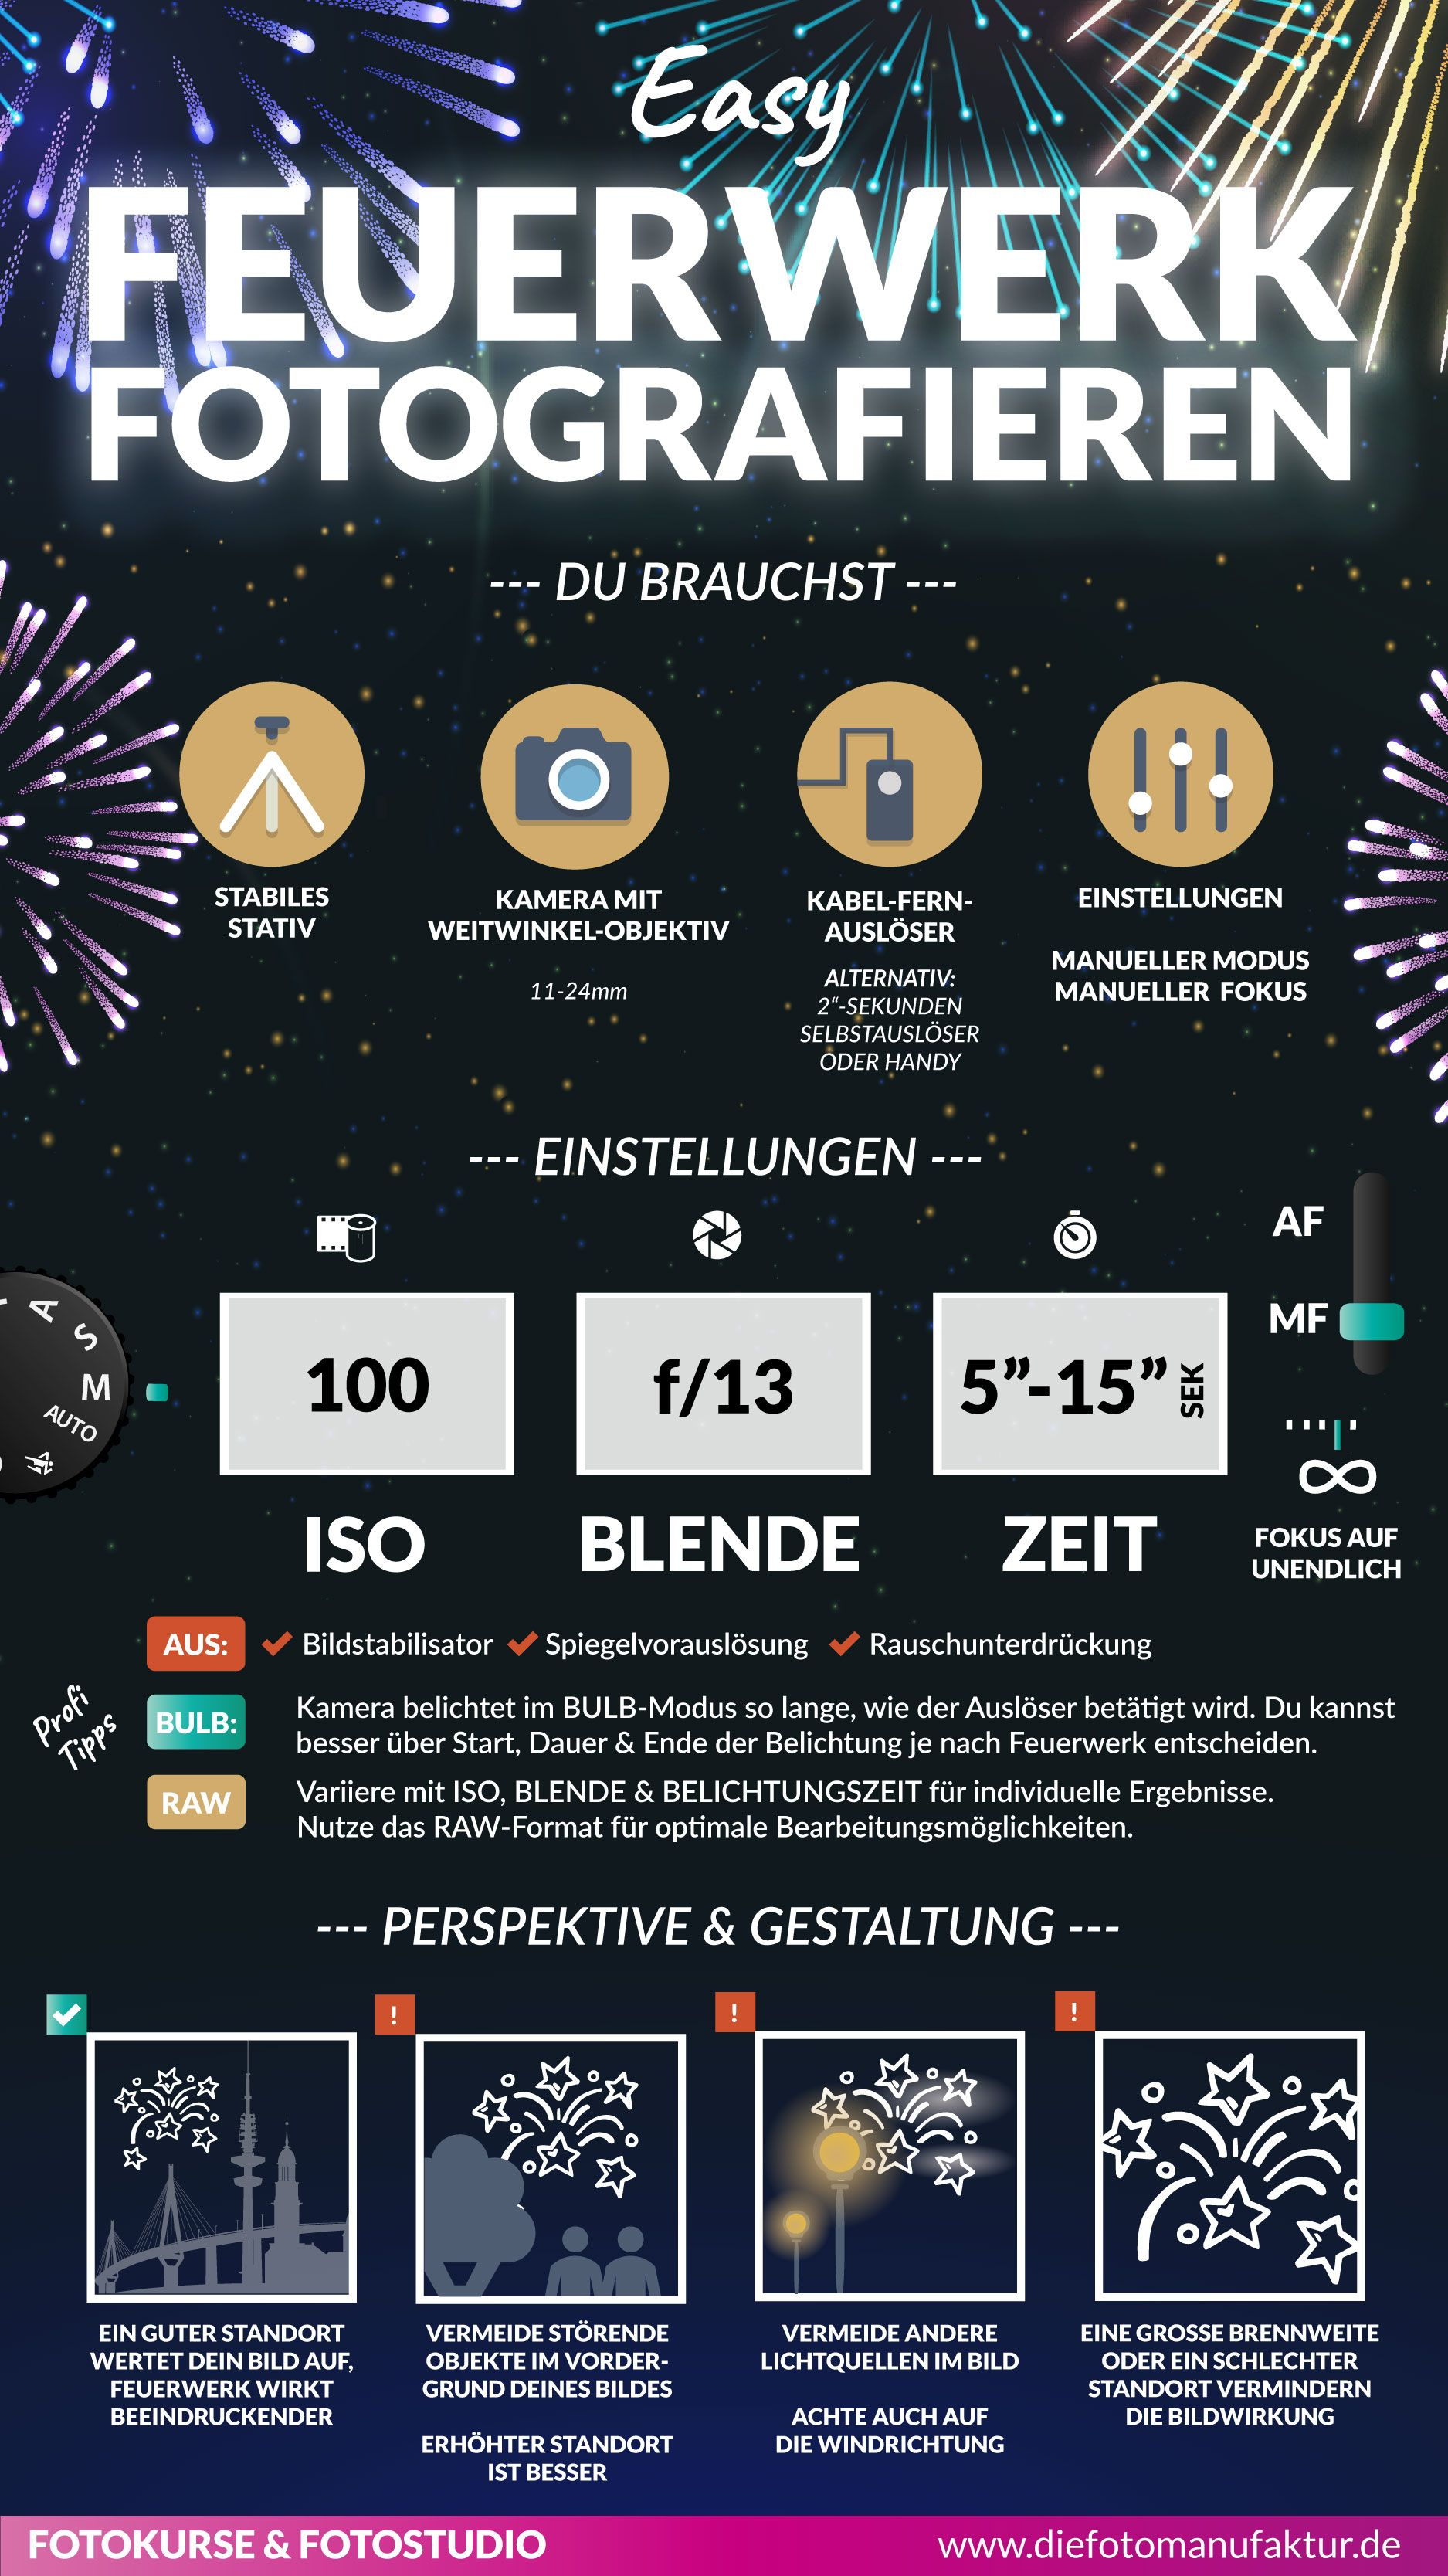 Feuerwerk Fotografieren - so geht's - Spickzettel - Anleitung - How-To